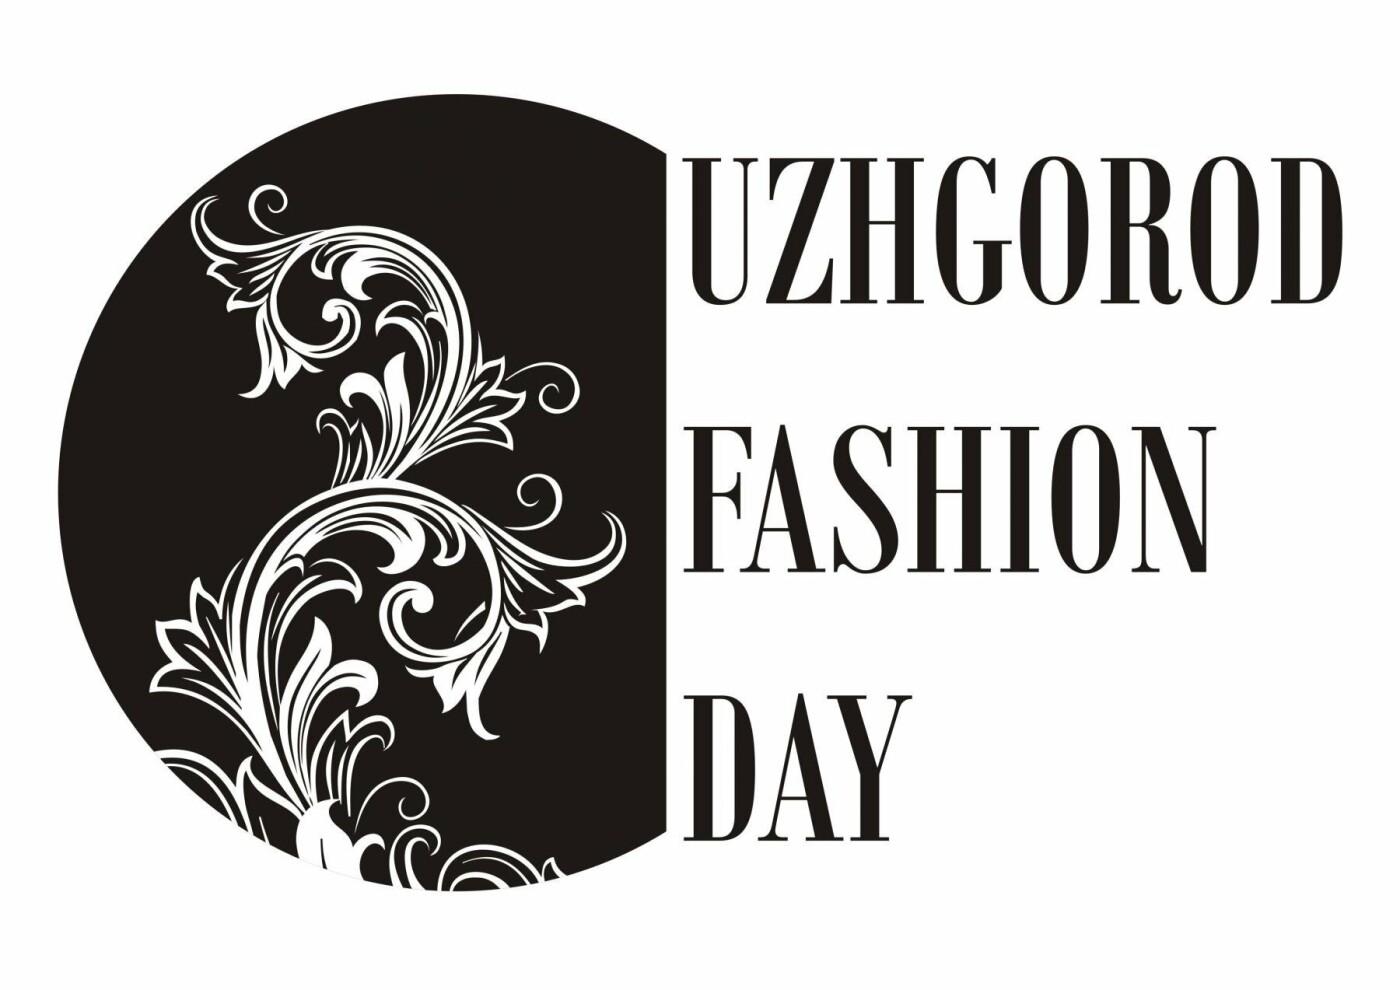 В Ужгороді пройде X-й показ Uzghorod Fashion Day (АНОНС), фото-1